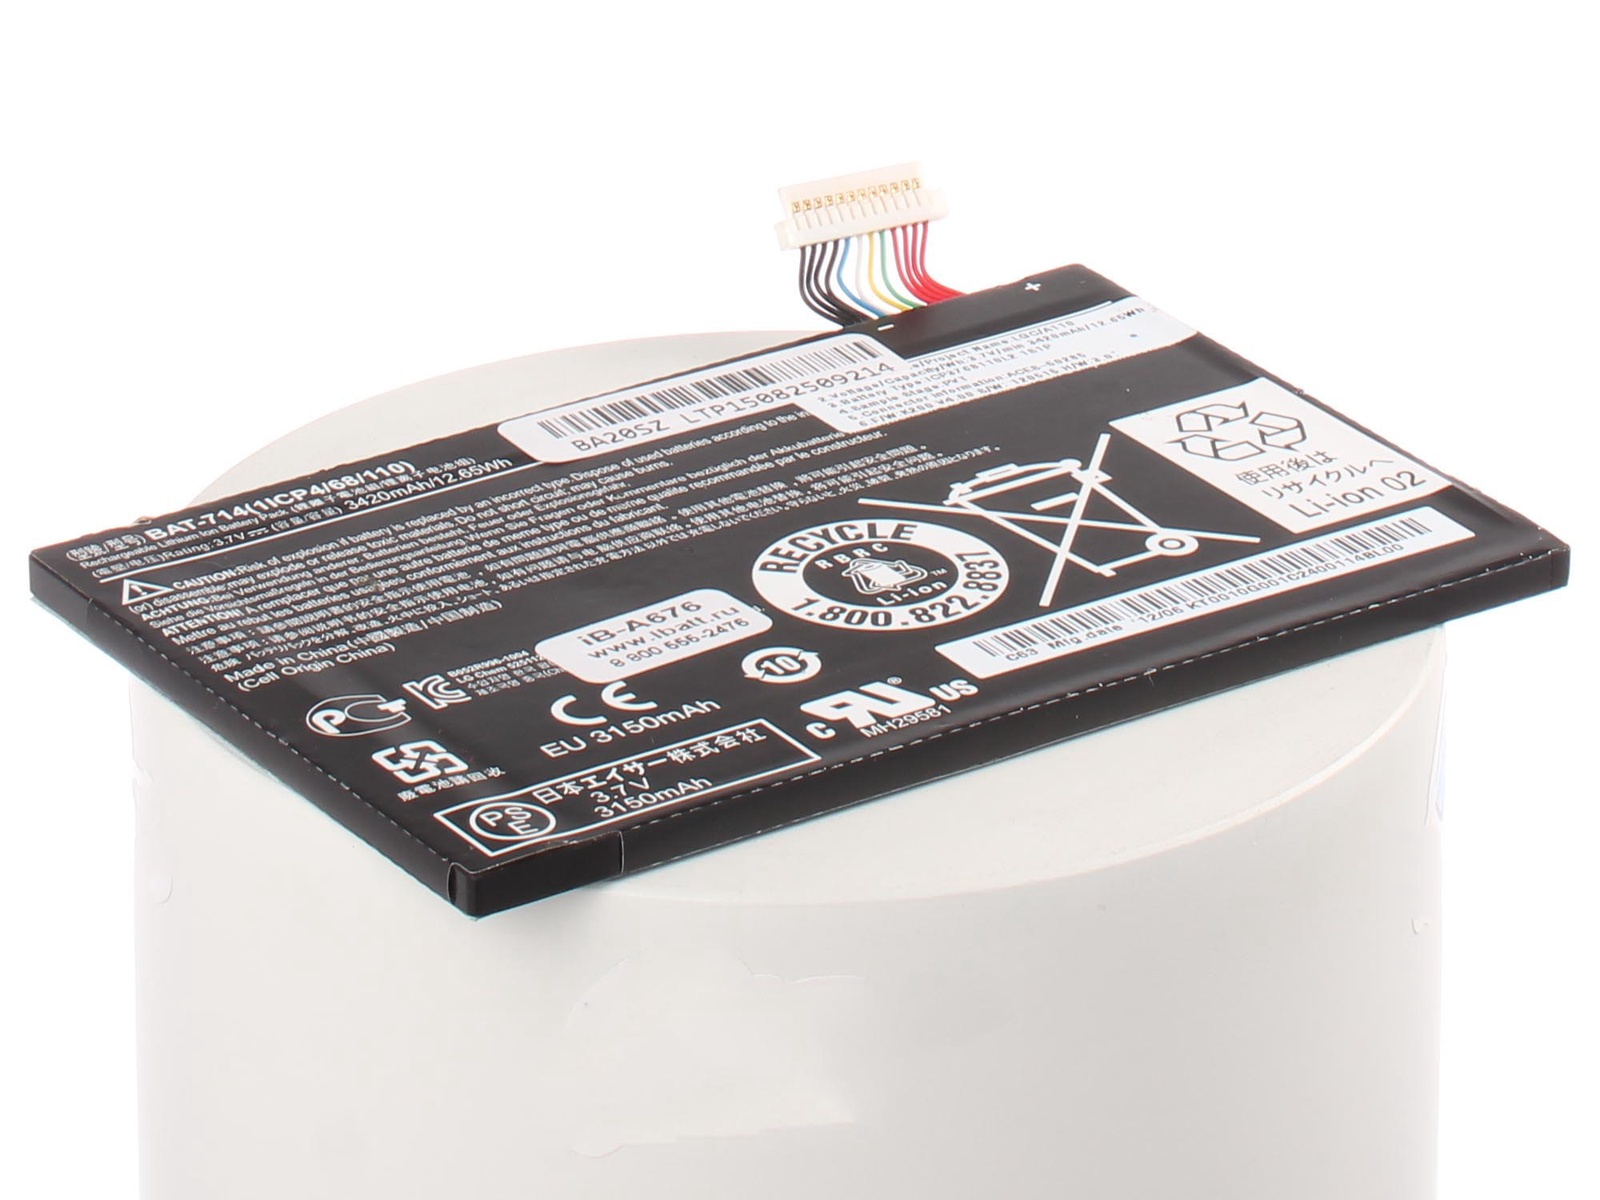 Аккумуляторная батарея iBatt iB-A1-A676 3420mAh для ноутбуков Acer тесты ноутбуков